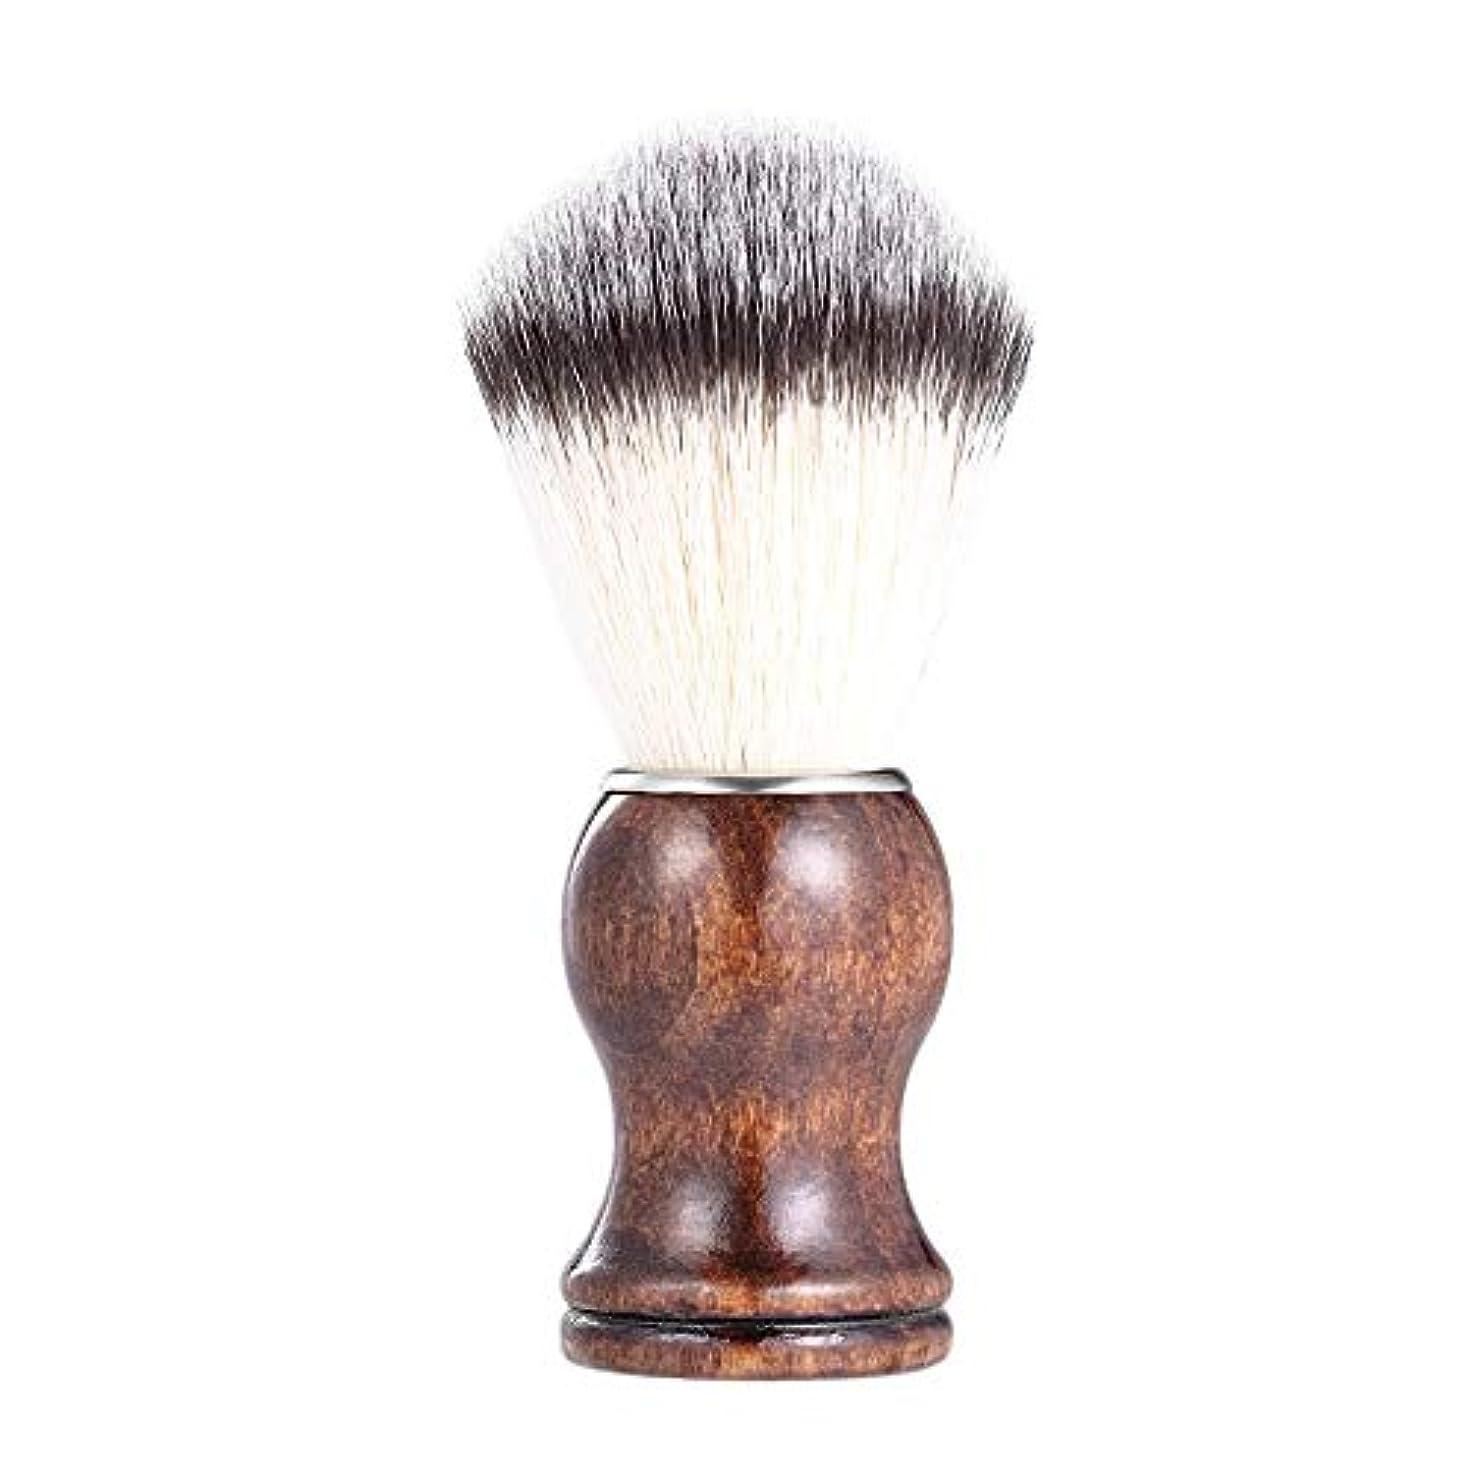 コメントリンク作るあごひげケア 美容ツール メンズ用 髭剃り ブラシ シェービングブラシ 木製ハンドル 男性 ギフト理容 洗顔 髭剃り